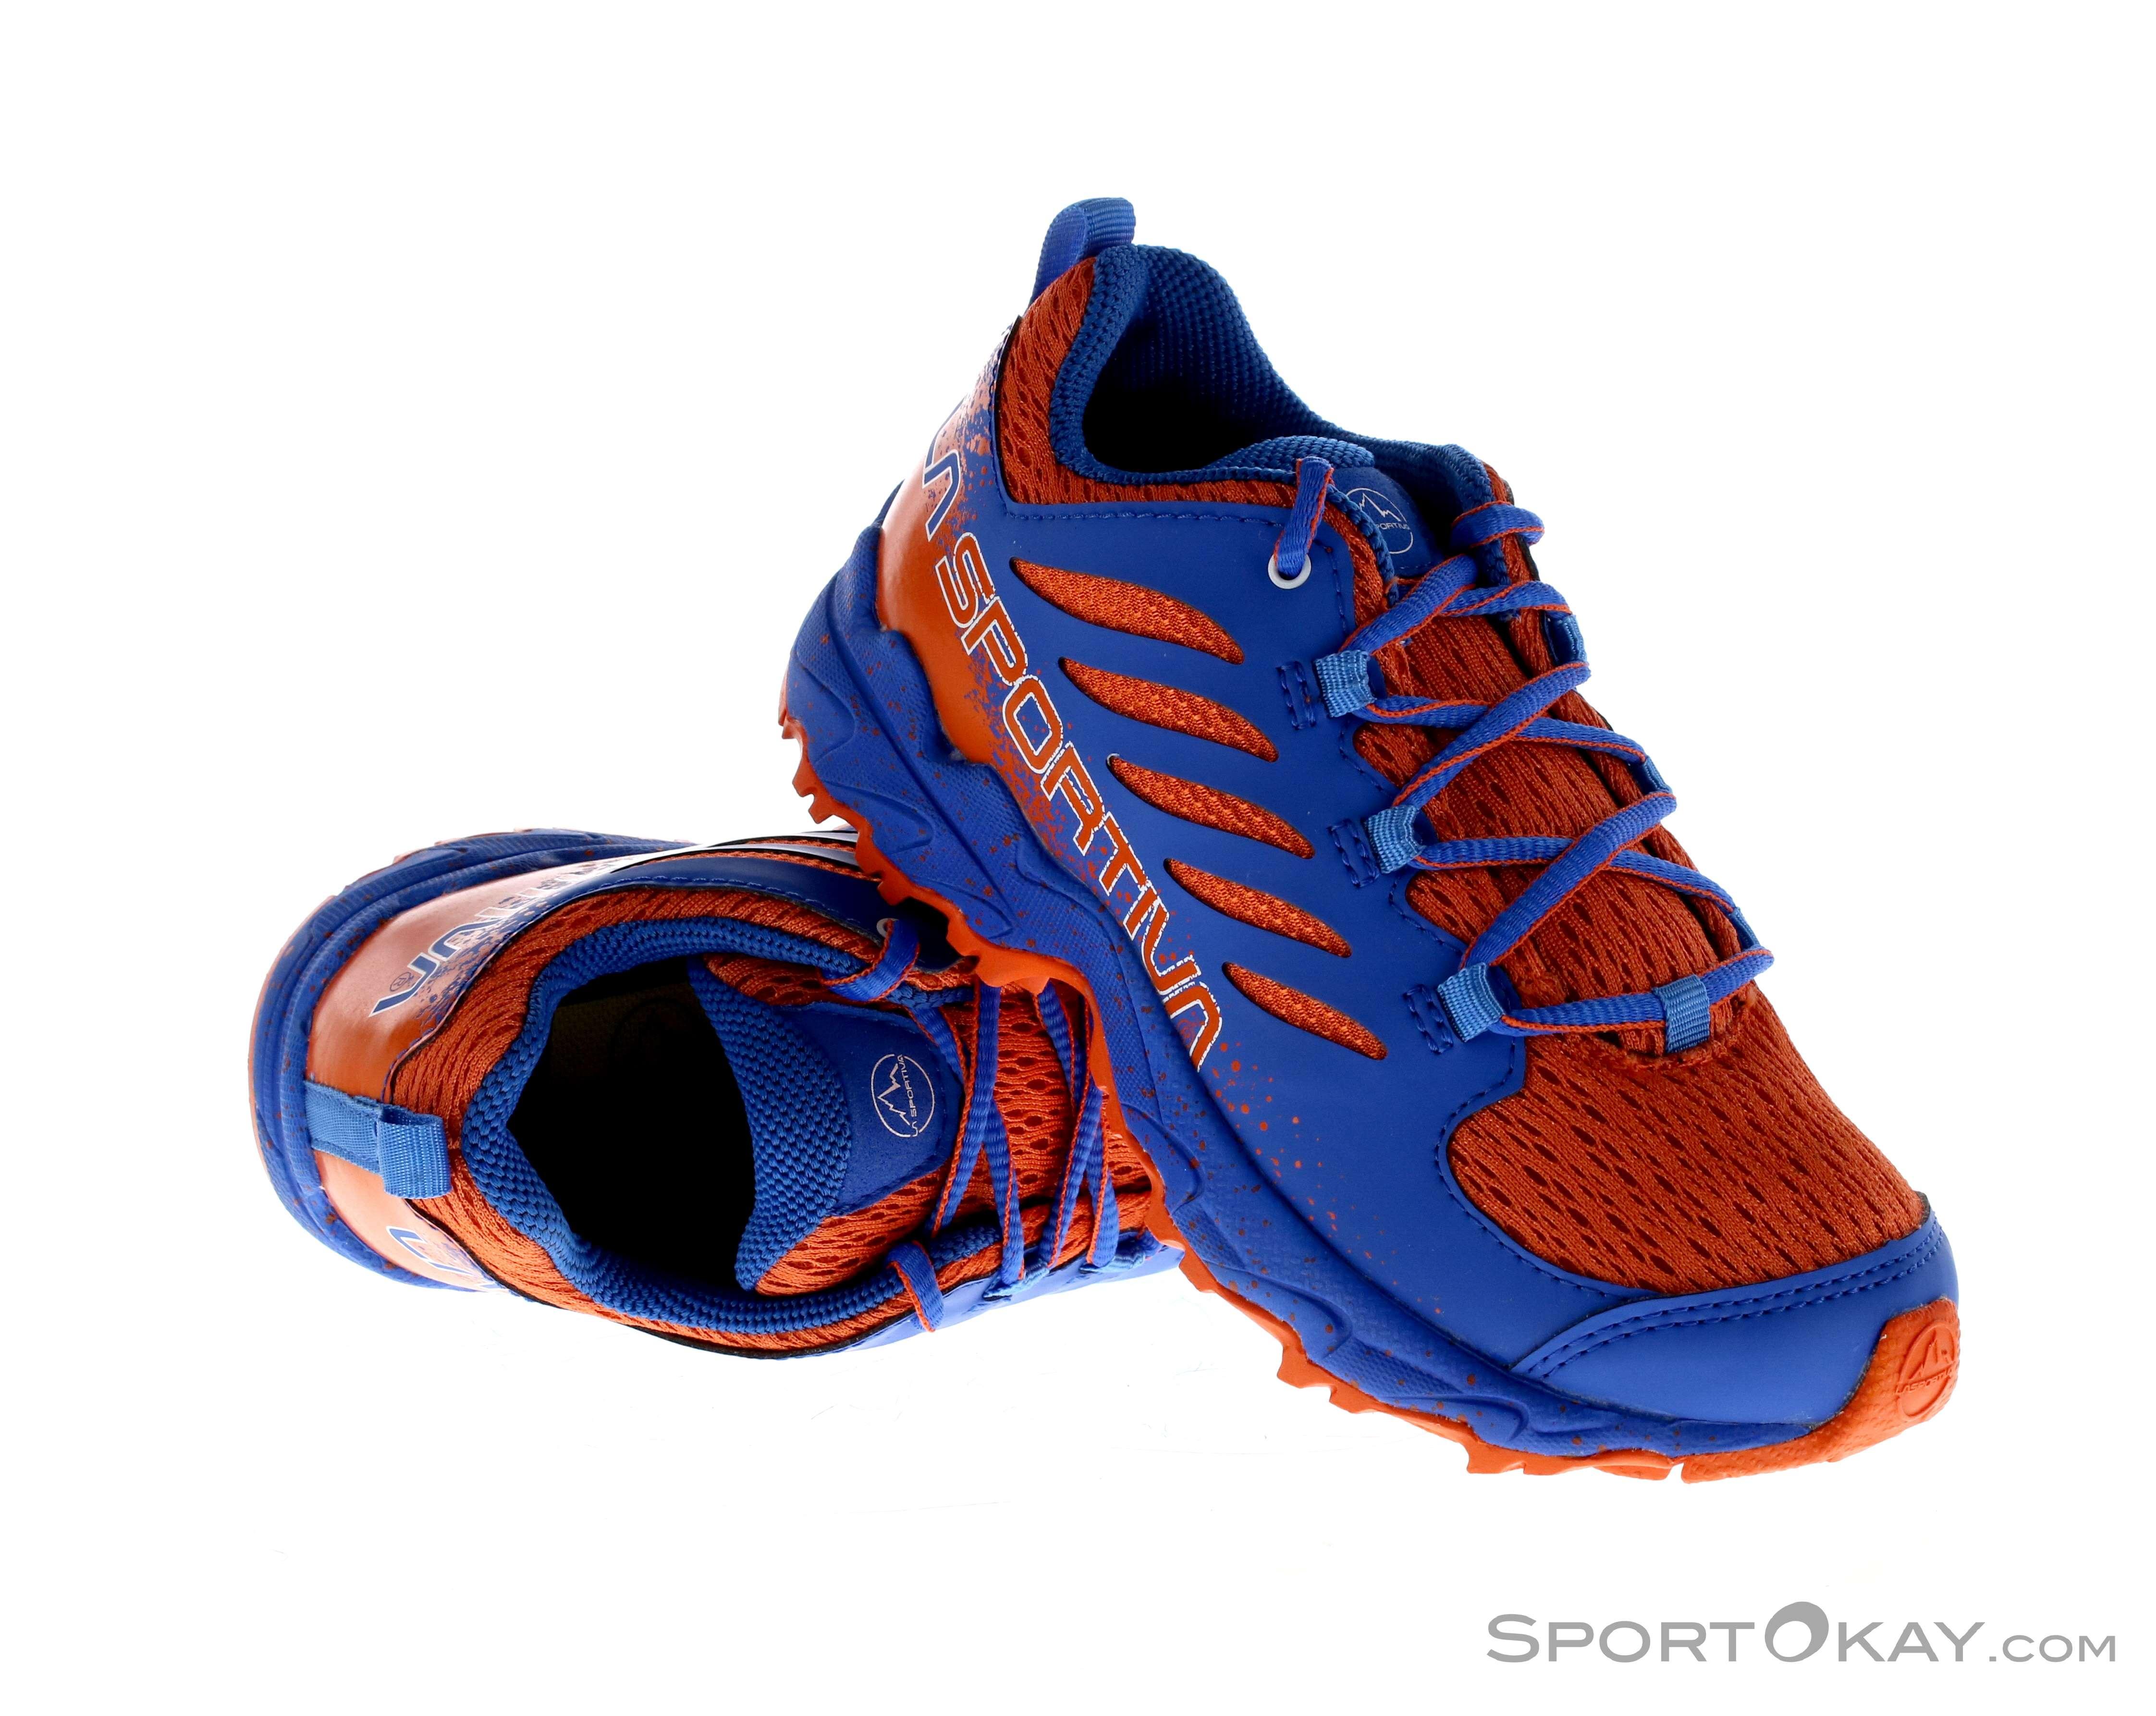 Scarpe da trail running La Sportiva: Quali scegliere